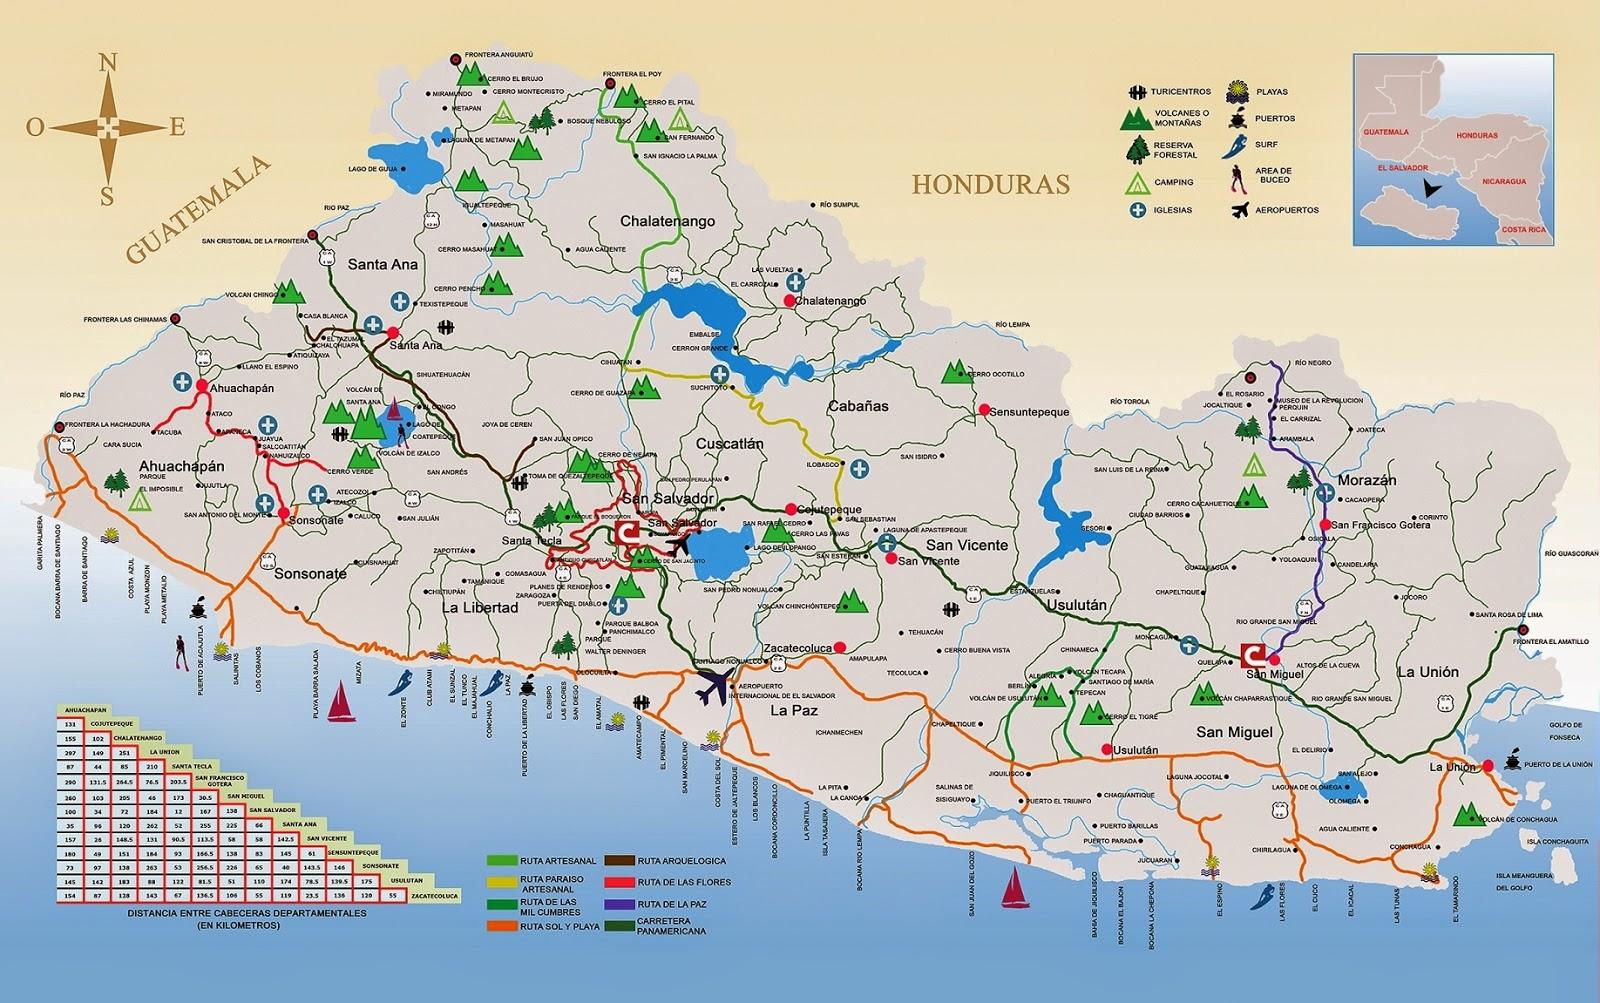 El Salvador Mapa Montaas